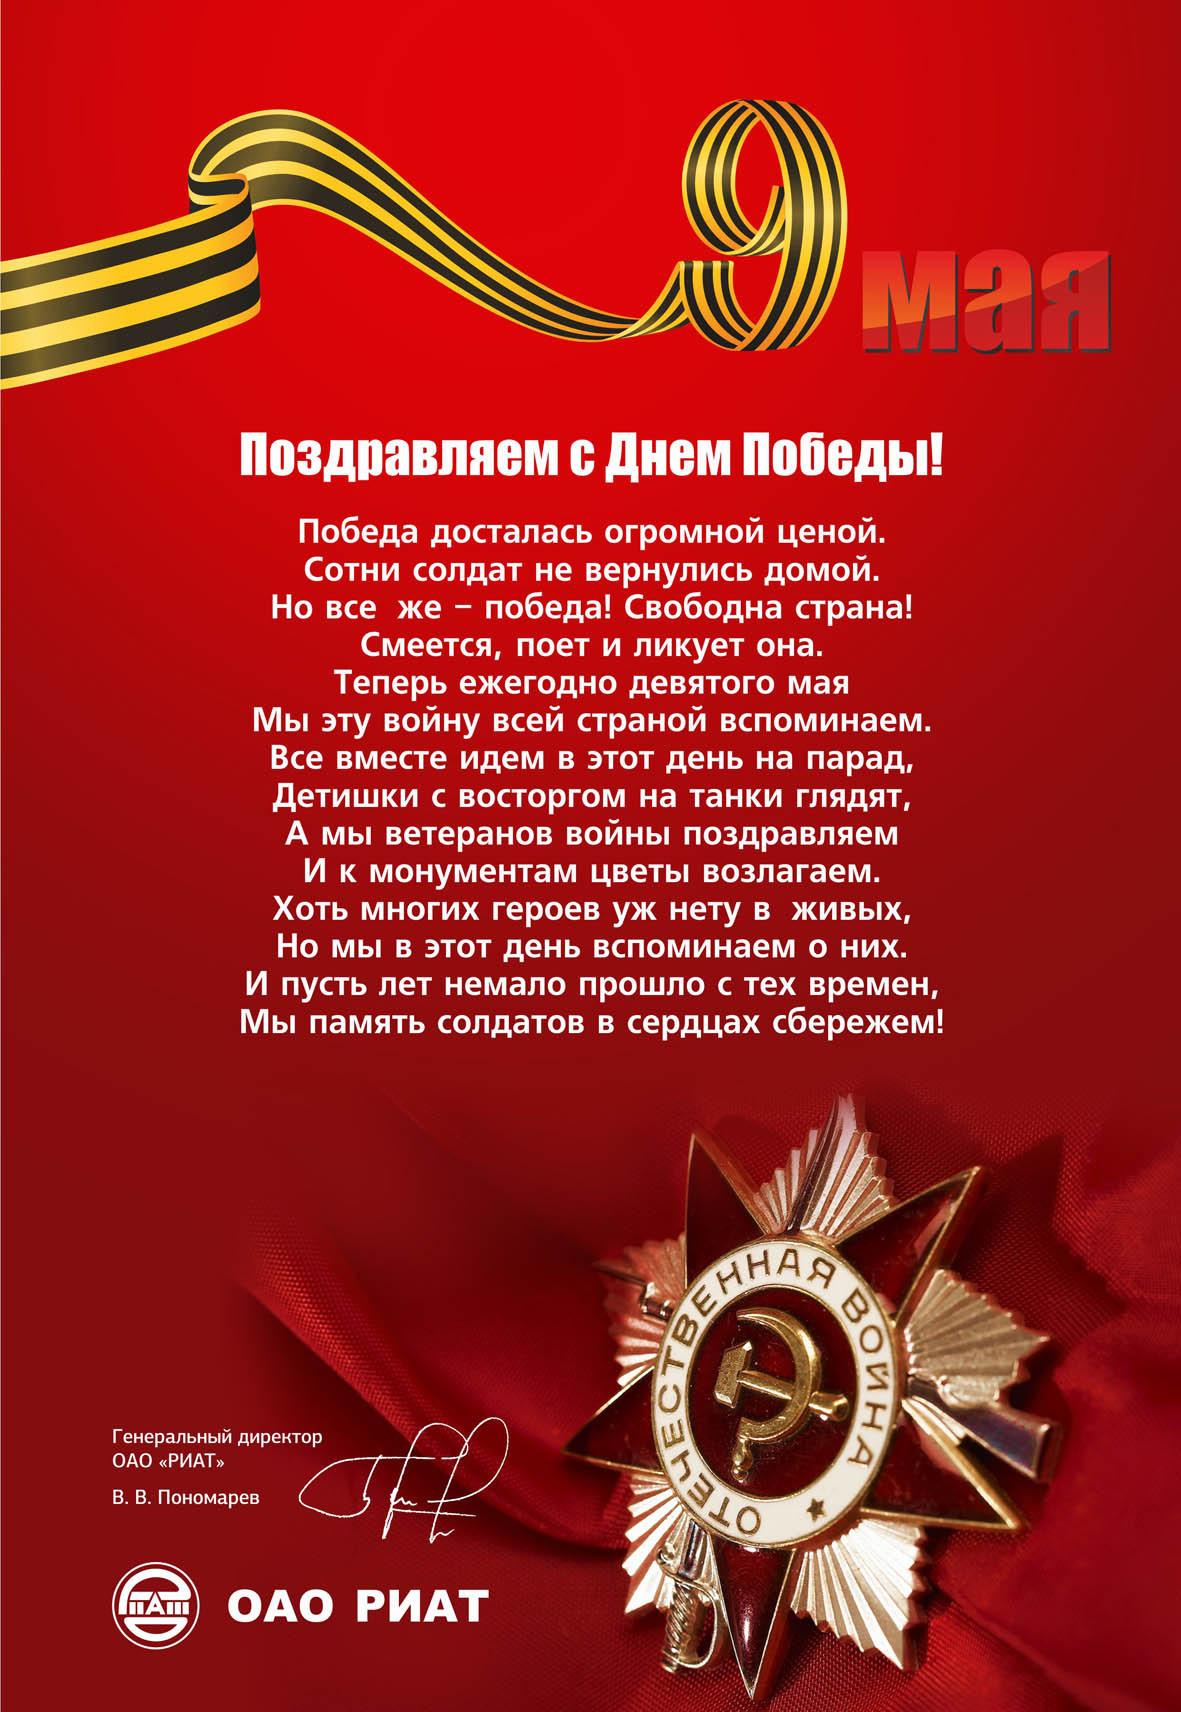 Поздравления на 9 мая от руководителей